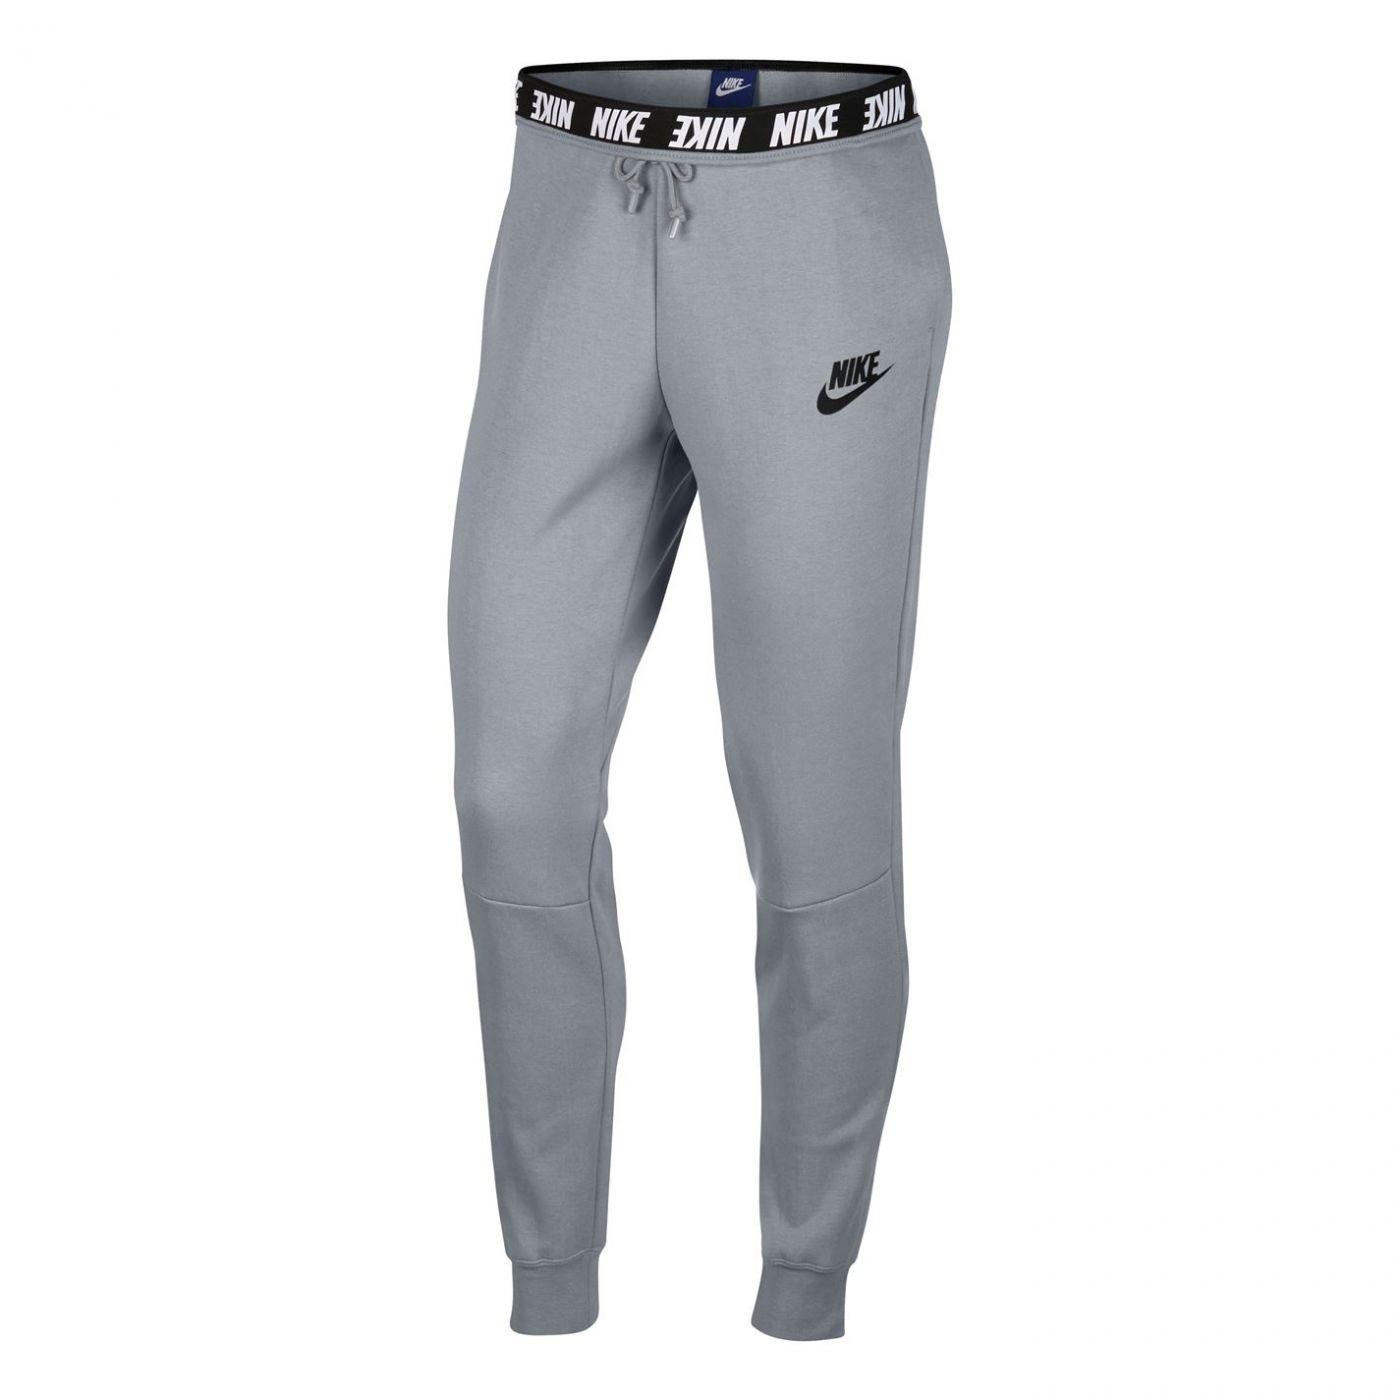 Nike Optic Jogging Bottoms Ladies